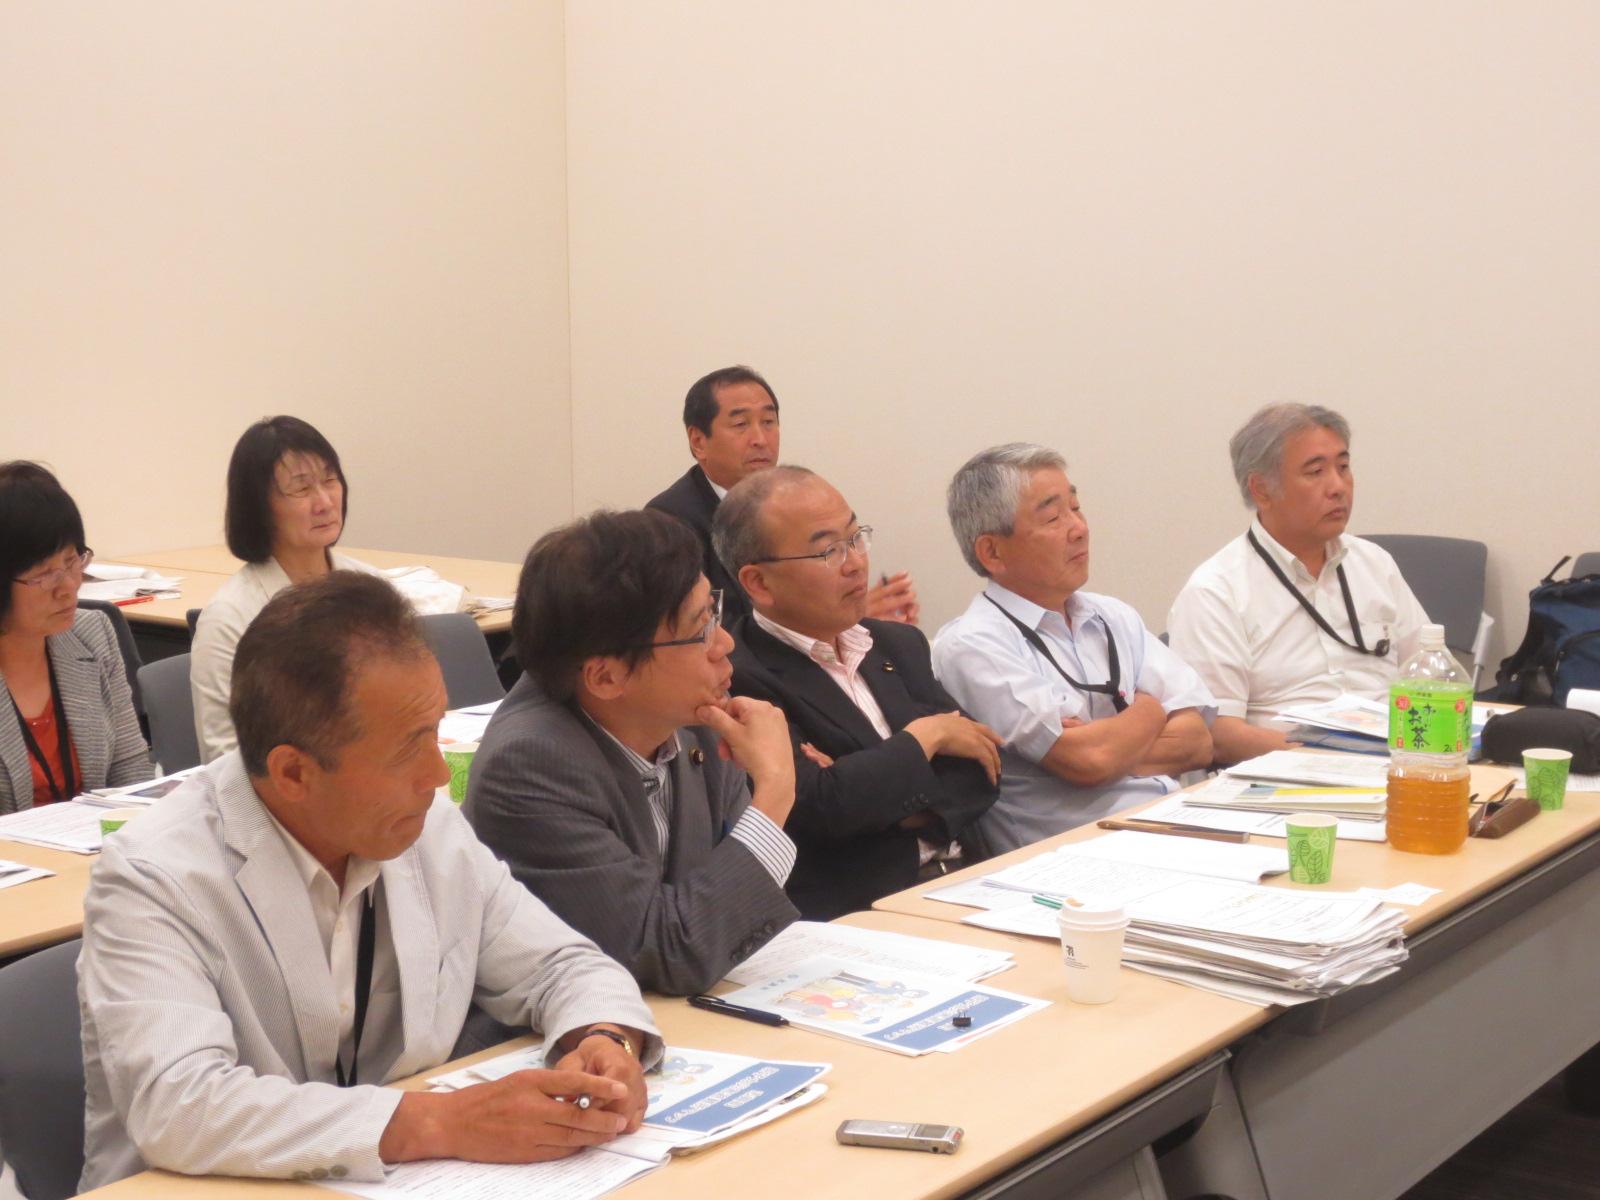 http://www.inoue-satoshi.com/diary/IMG_2574.JPG